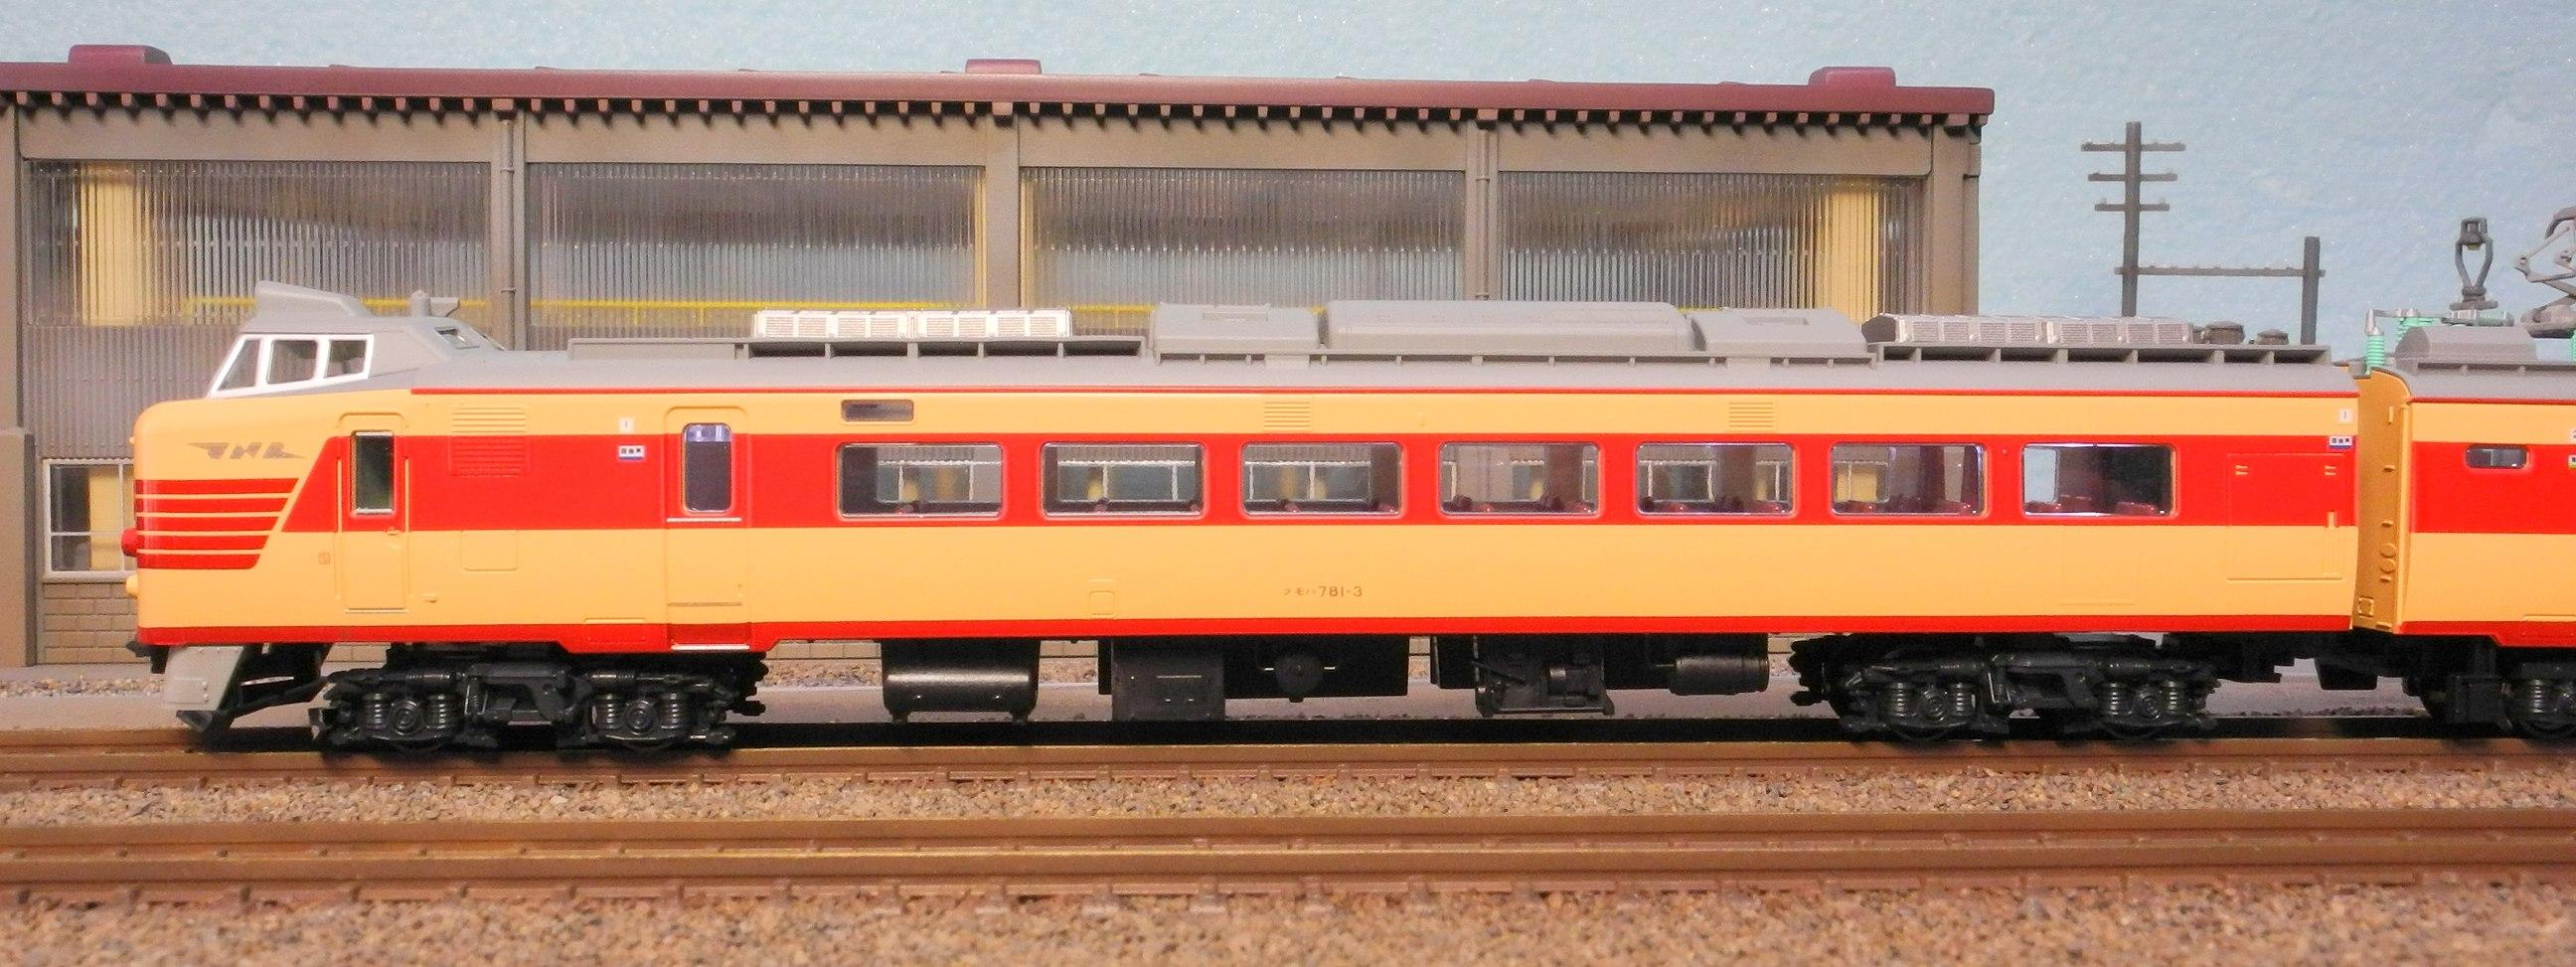 DSCN7896-1.jpg